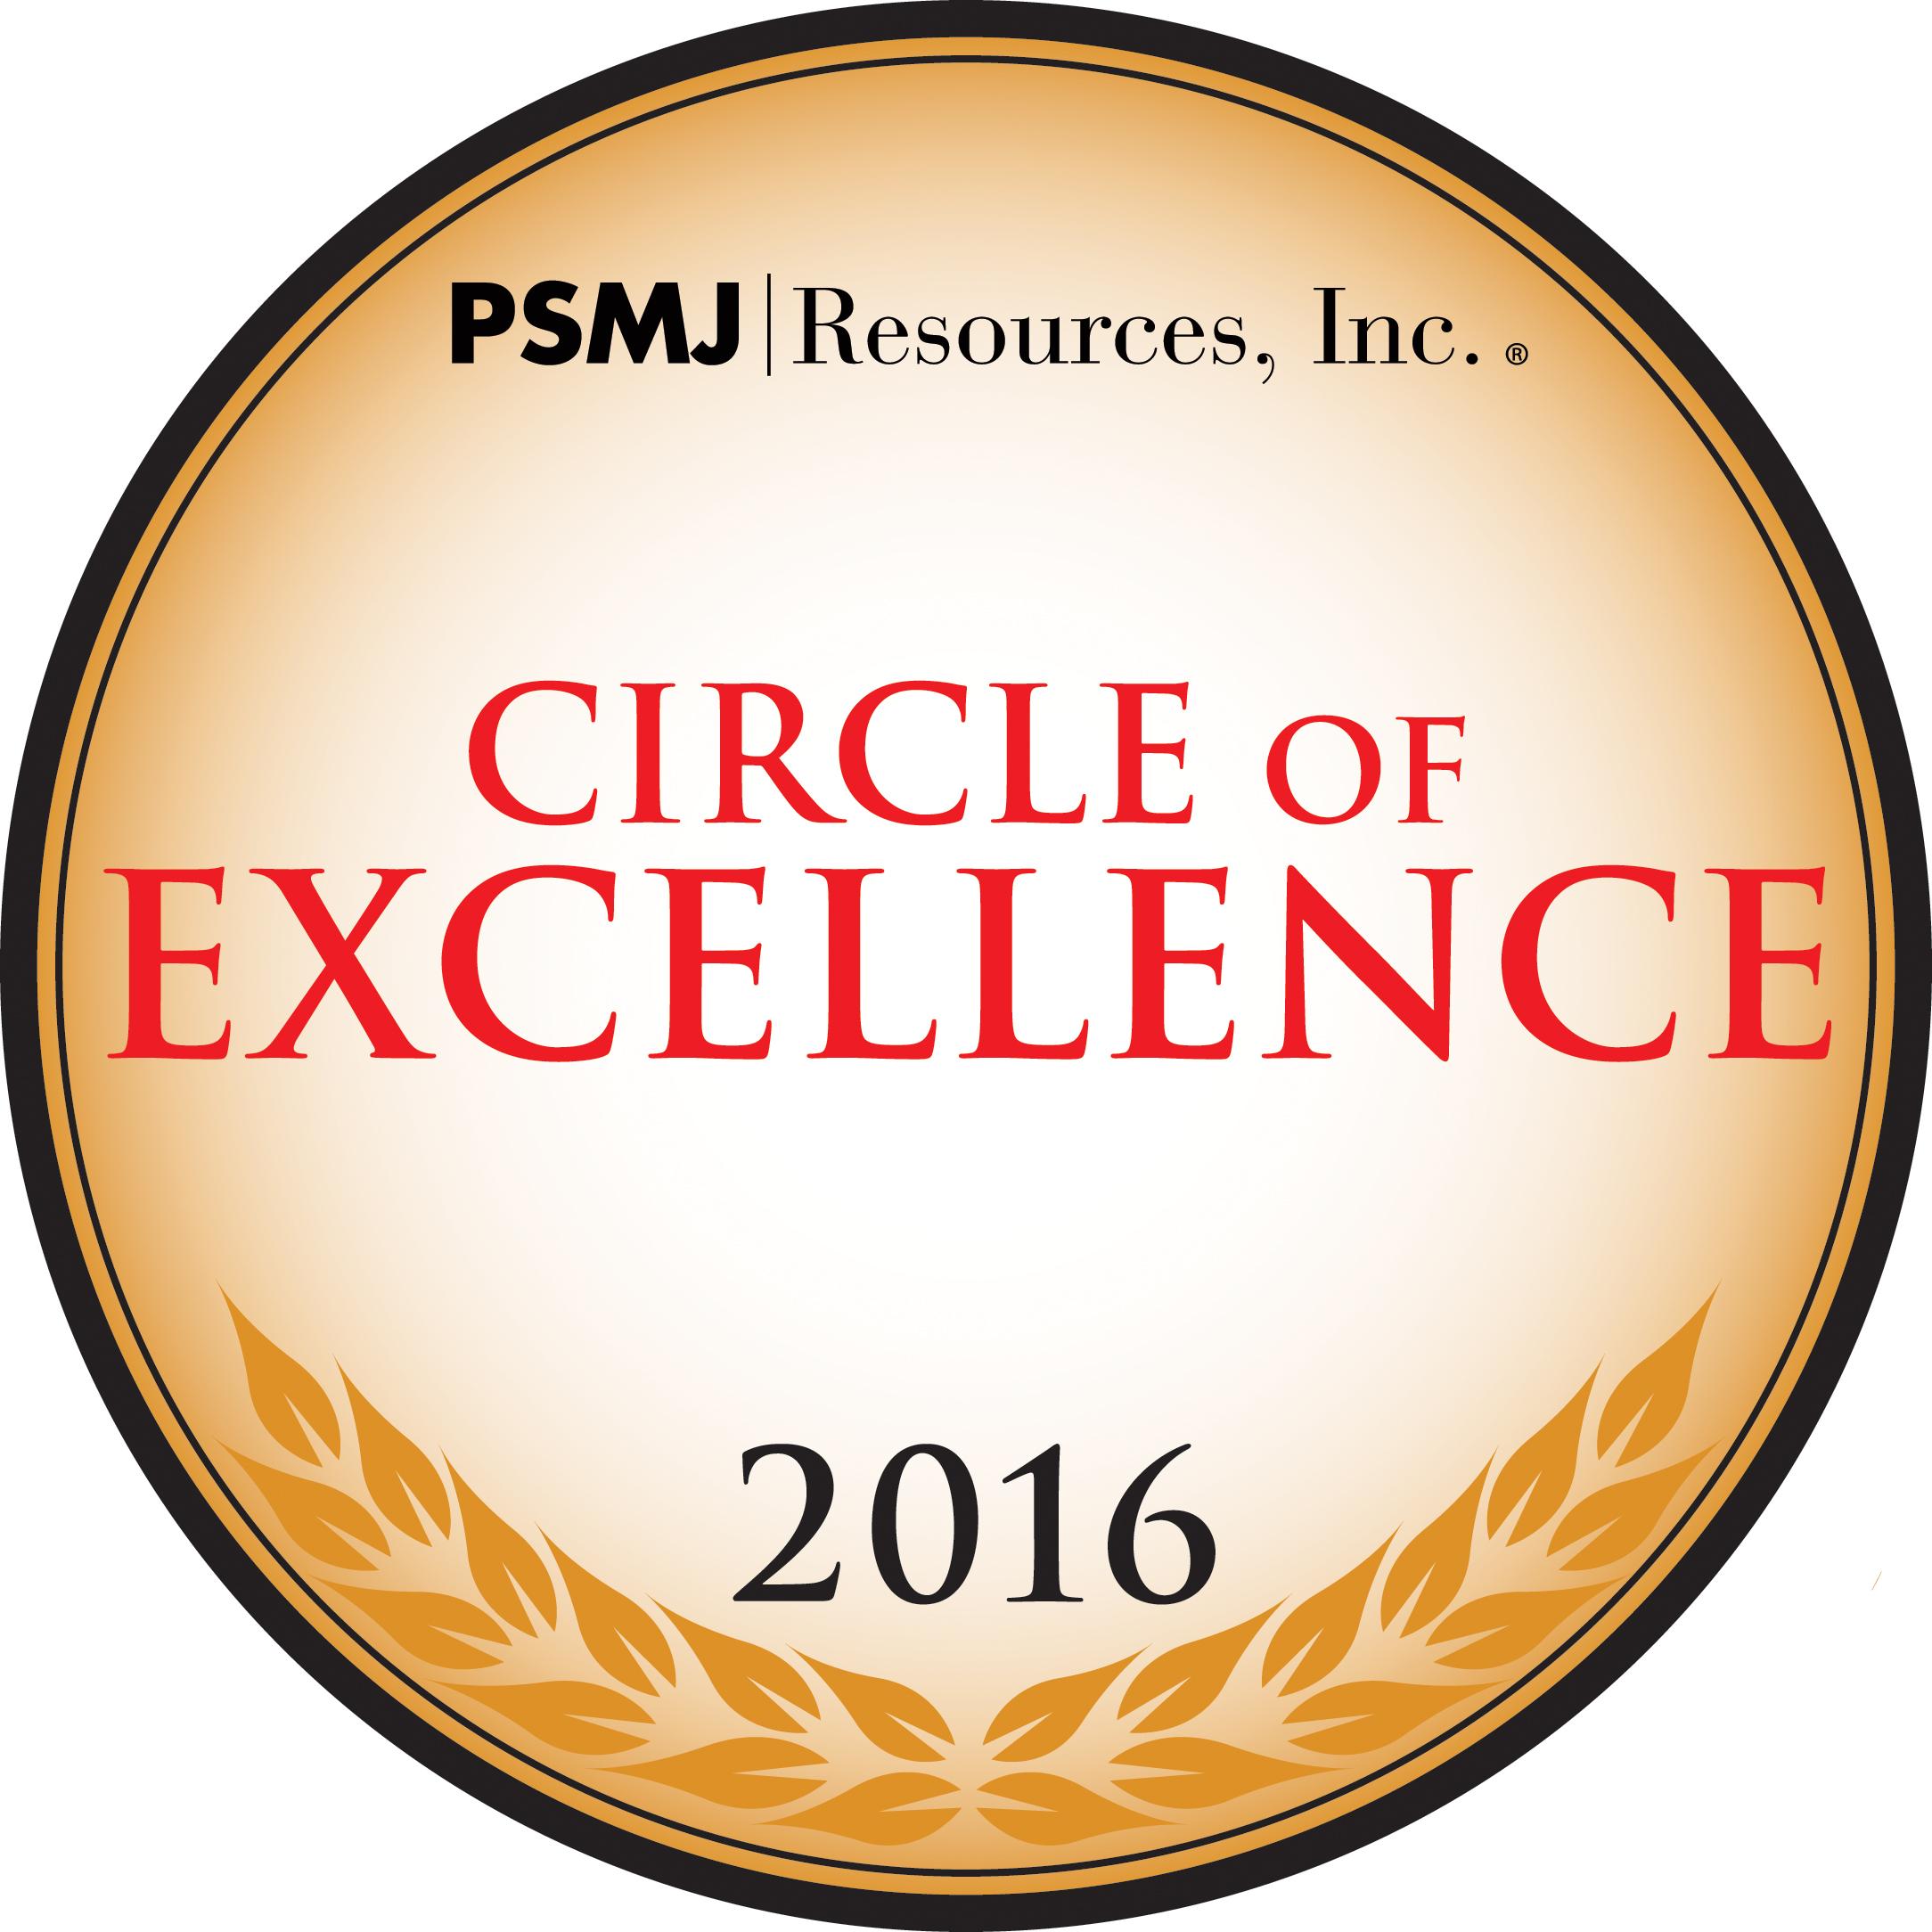 2016 PSMJ Circle of Excellence logo